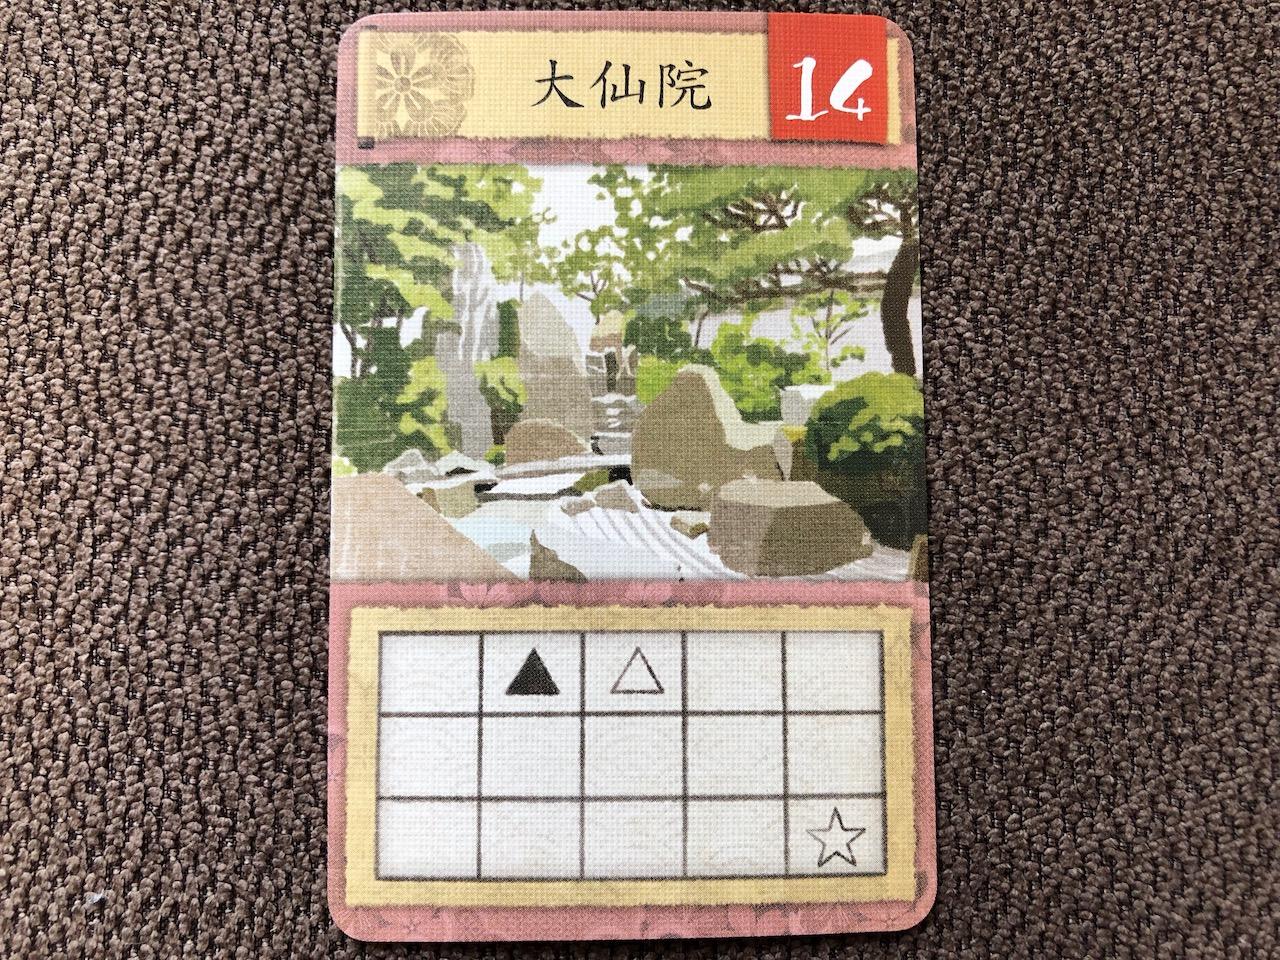 「大仙院」の名庭園カード(14点)